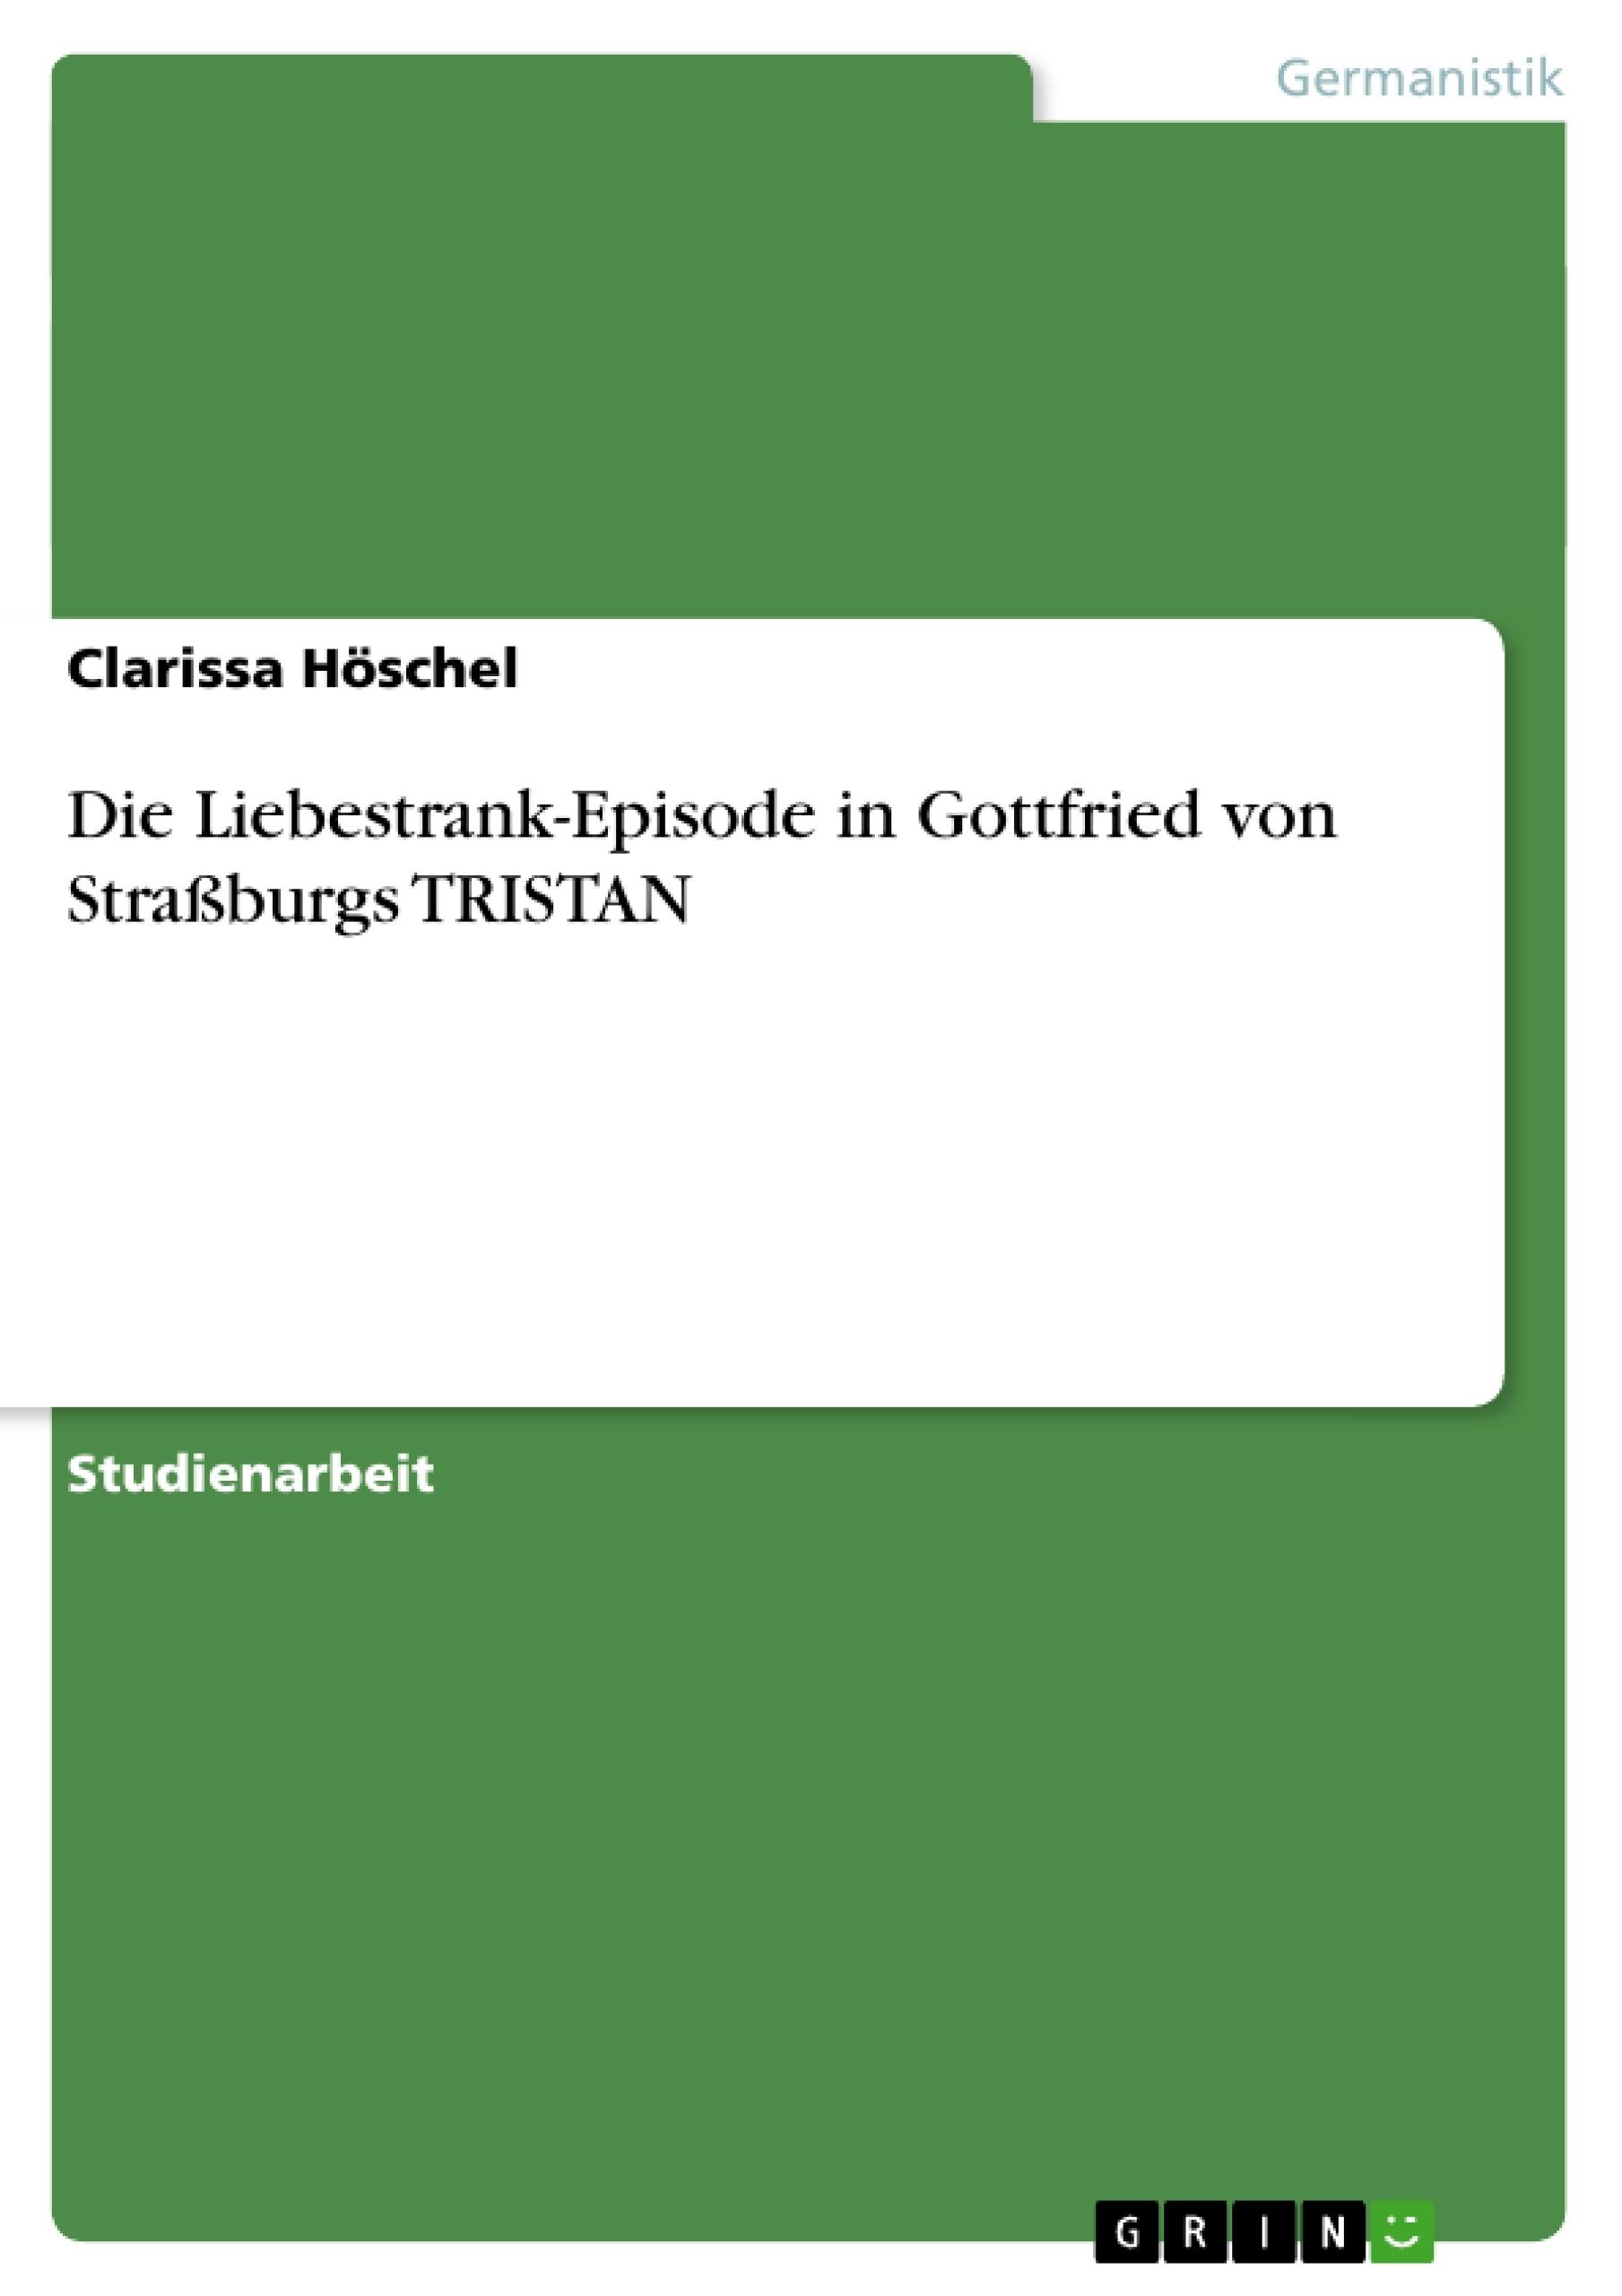 Titel: Die Liebestrank-Episode in Gottfried von Straßburgs TRISTAN